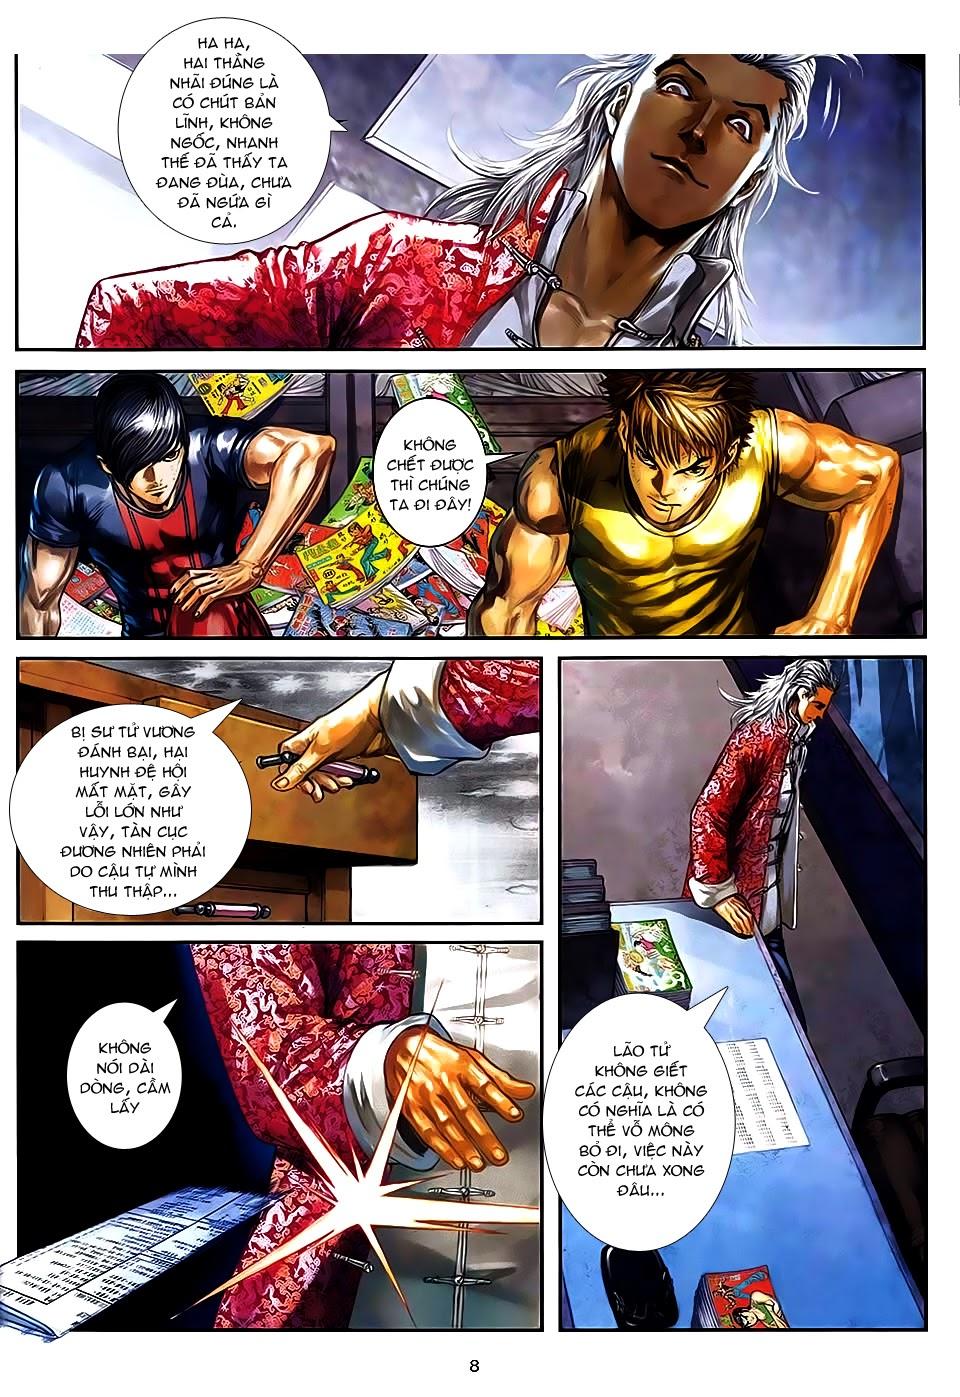 Quyền Đạo chapter 9 trang 8